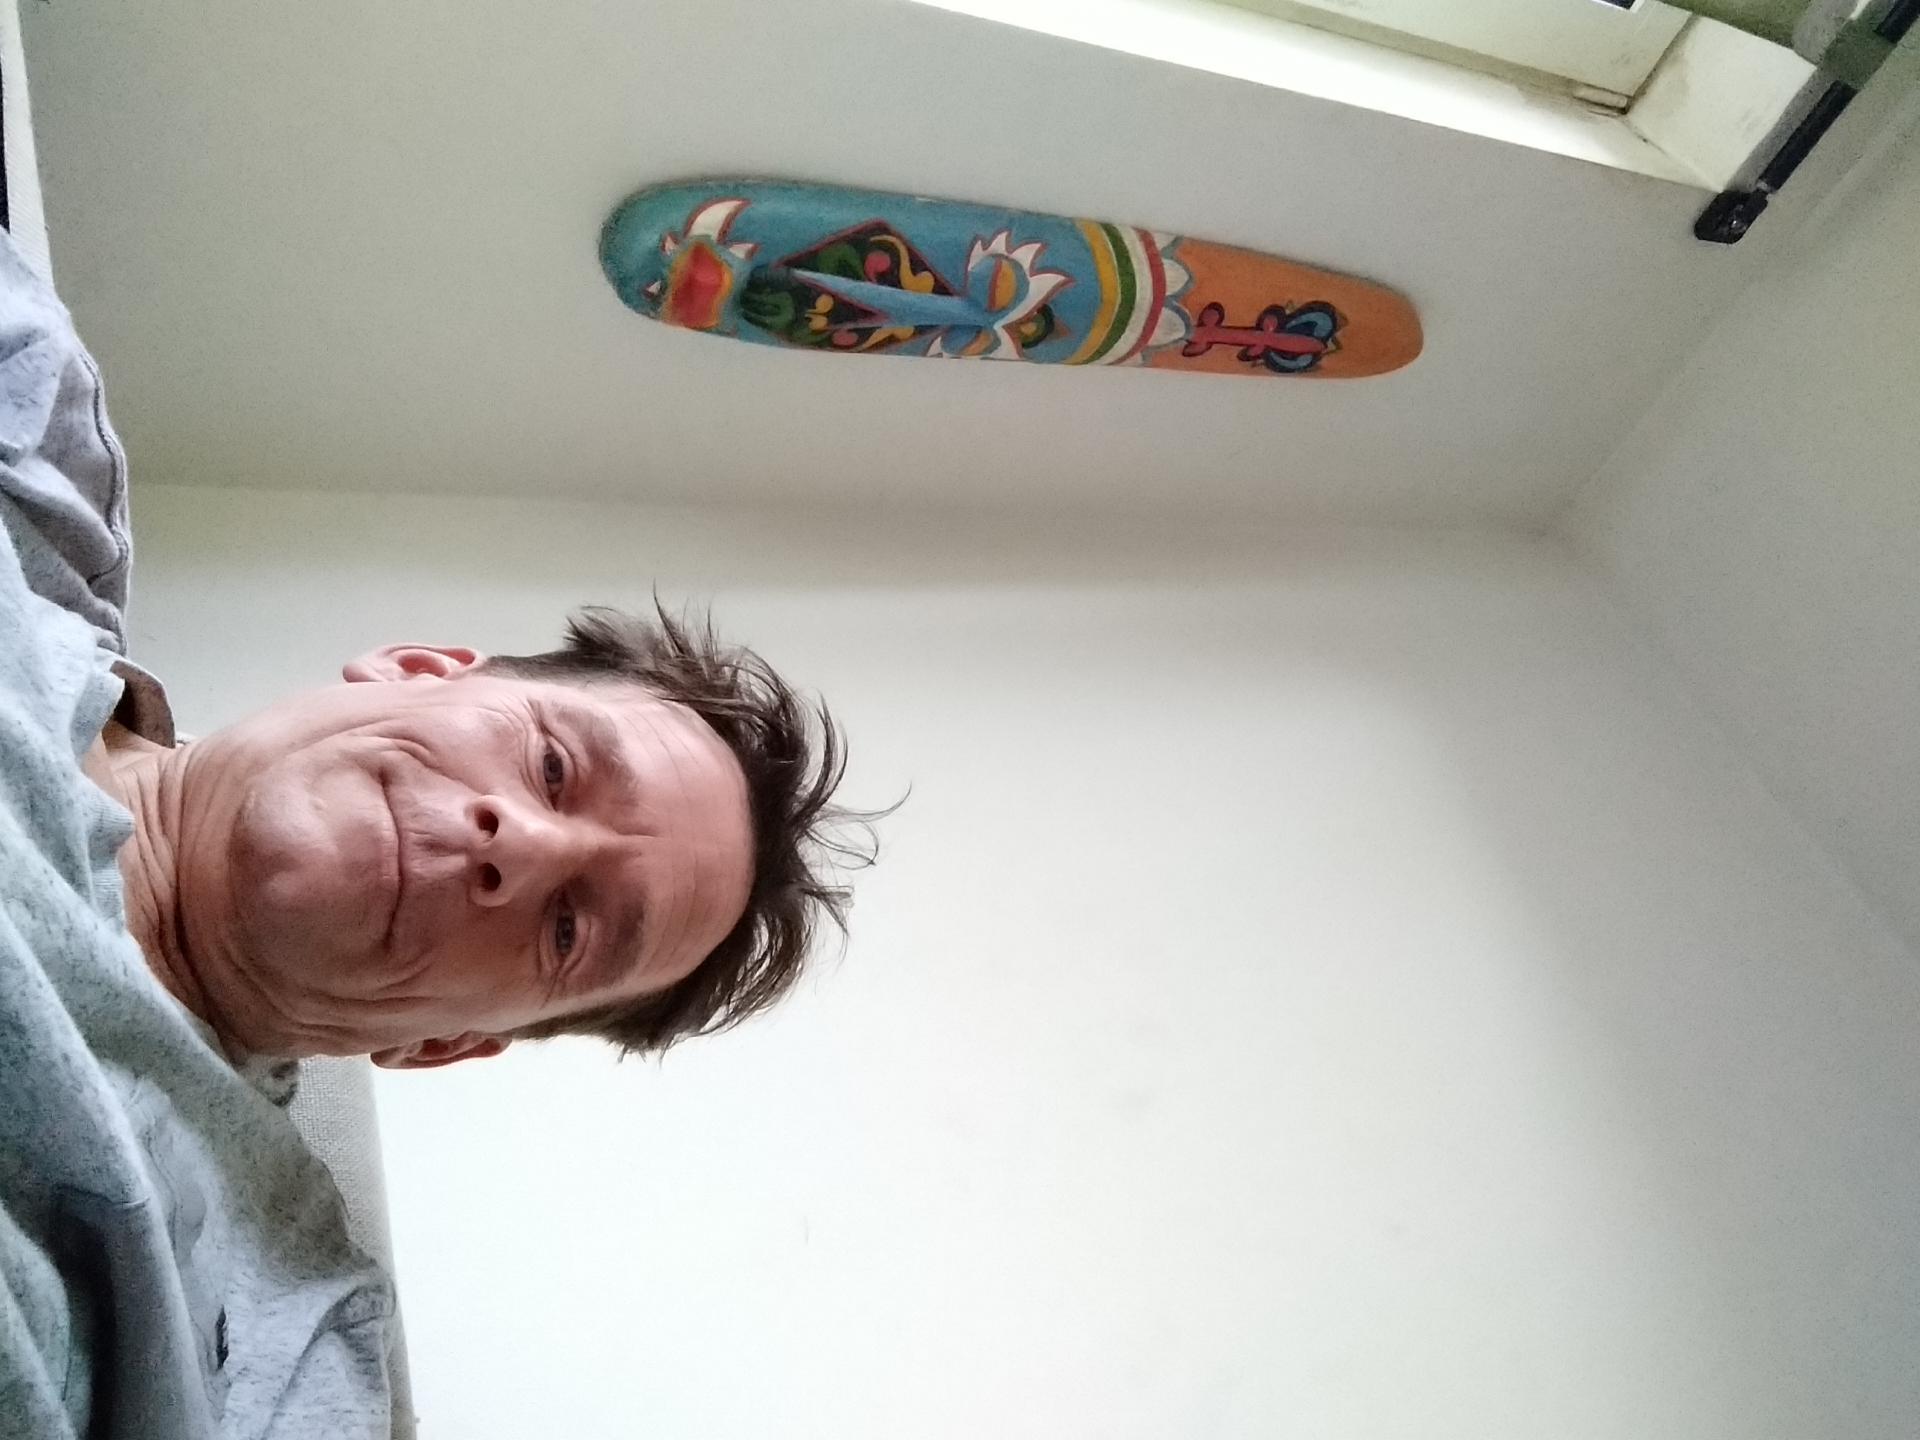 Edwinp uit Zuid-Holland,Nederland